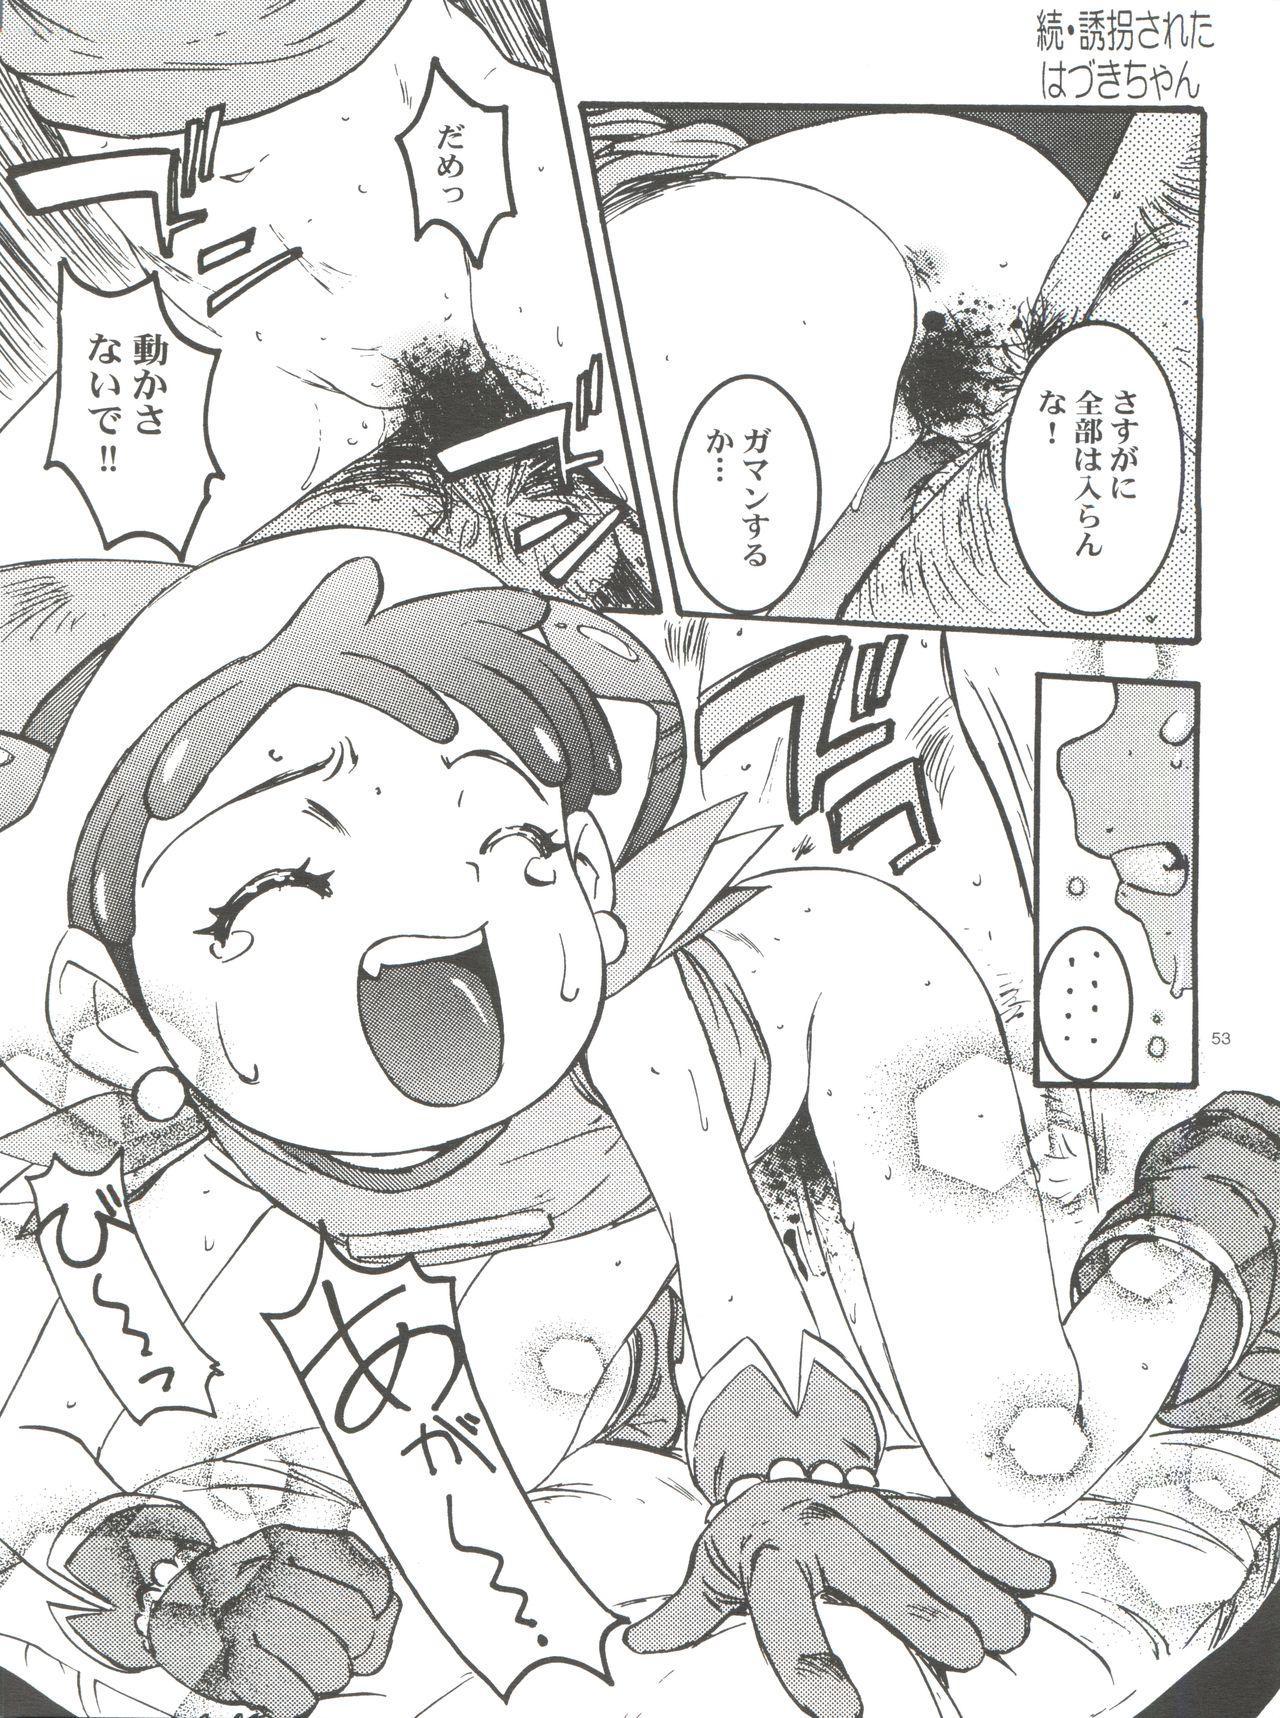 Wanpaku Anime Daihyakka Nanno Koto Jisensyuu Vol. 1 54